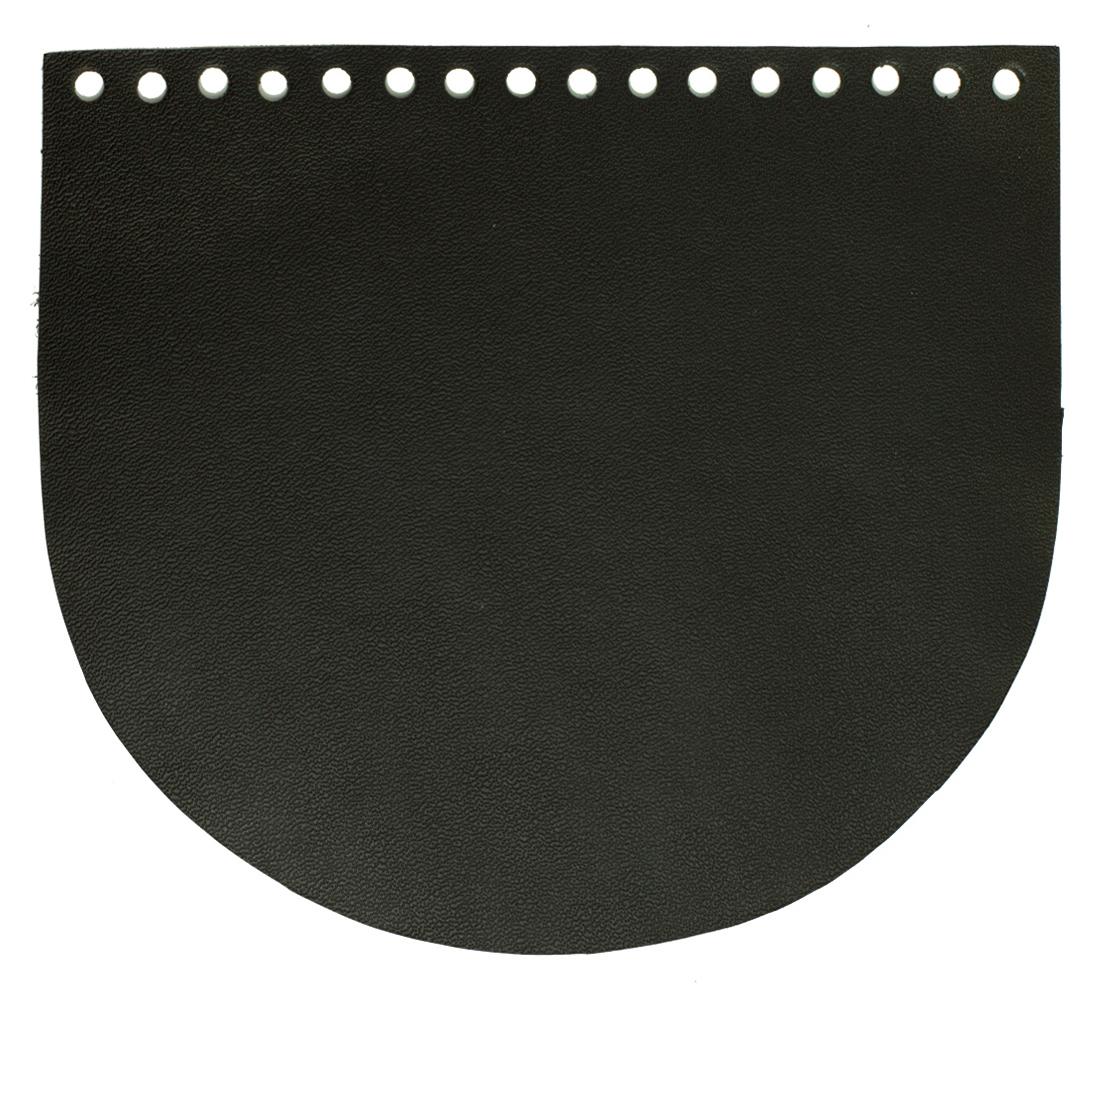 Кожаная фурнитура Клапан для сумочки кожаный черный 19 на 16 см. IMG_756311112222.jpg